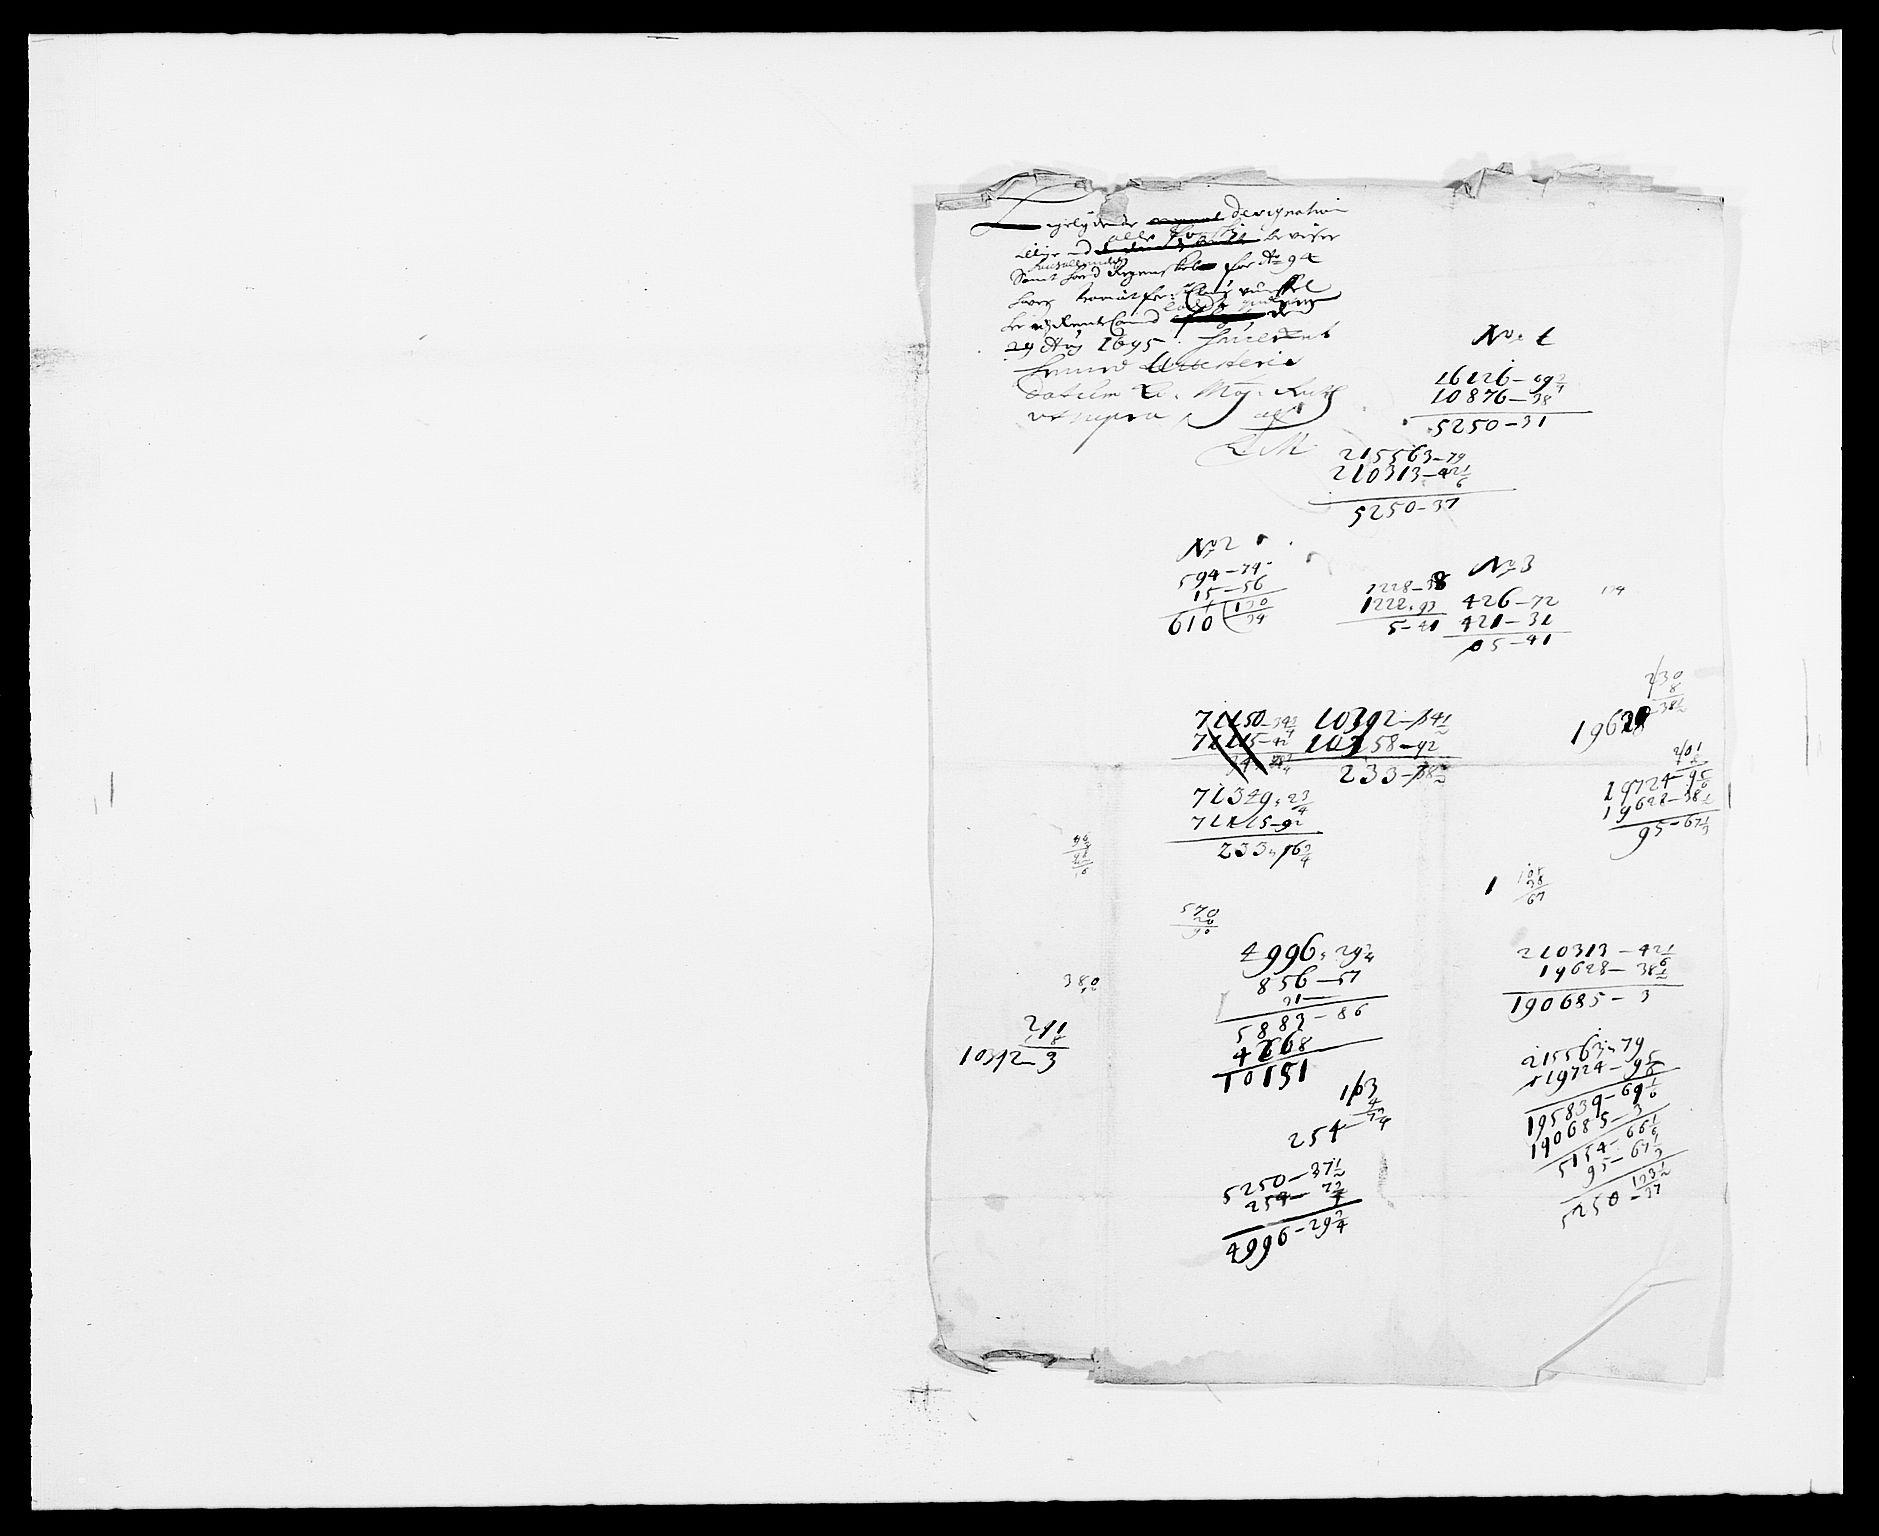 RA, Rentekammeret inntil 1814, Reviderte regnskaper, Fogderegnskap, R33/L1966: Fogderegnskap Larvik grevskap, 1672-1674, s. 270